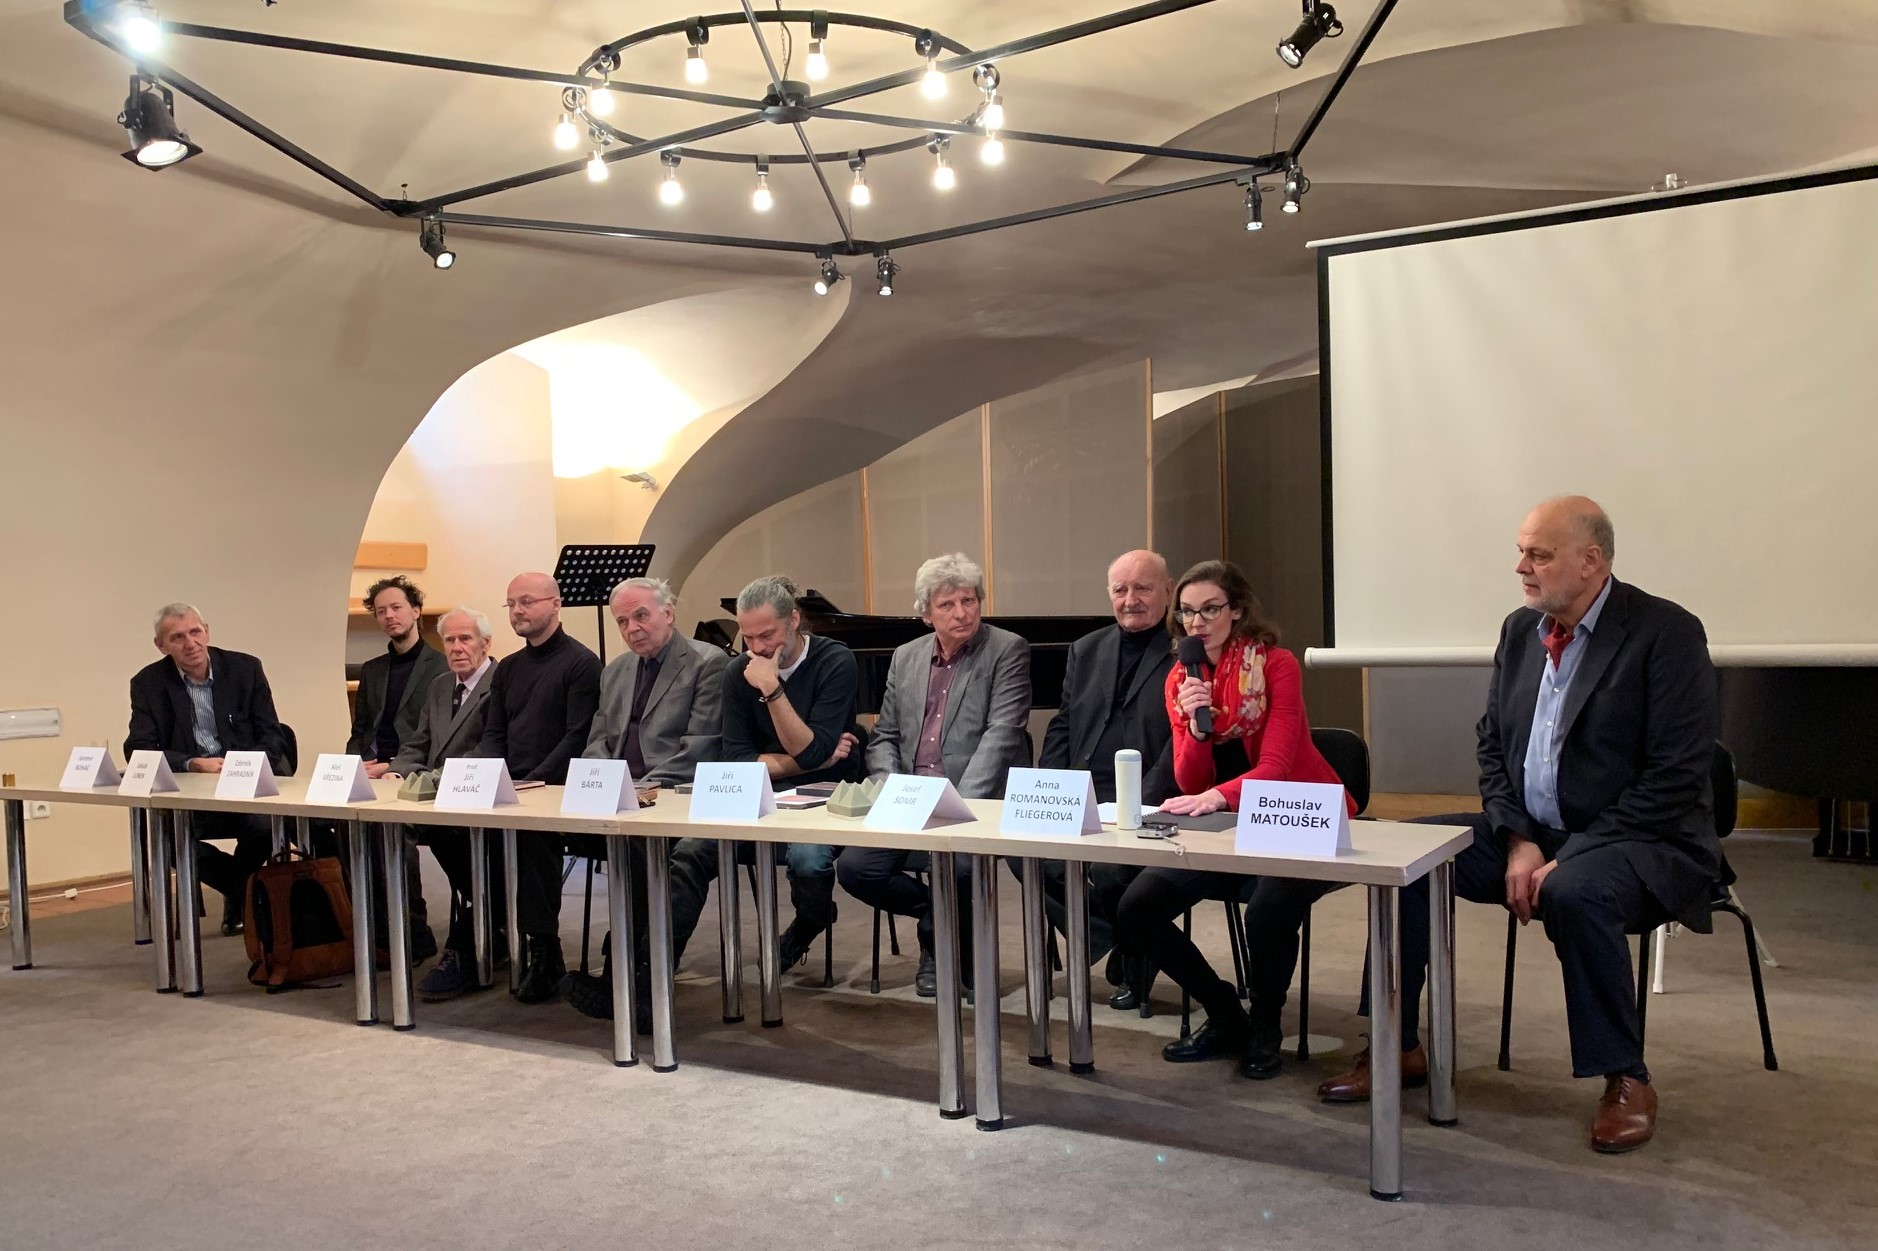 Bohuslav Matoušek slaví sedmdesátiny souborným dílem Bohuslava Martinů